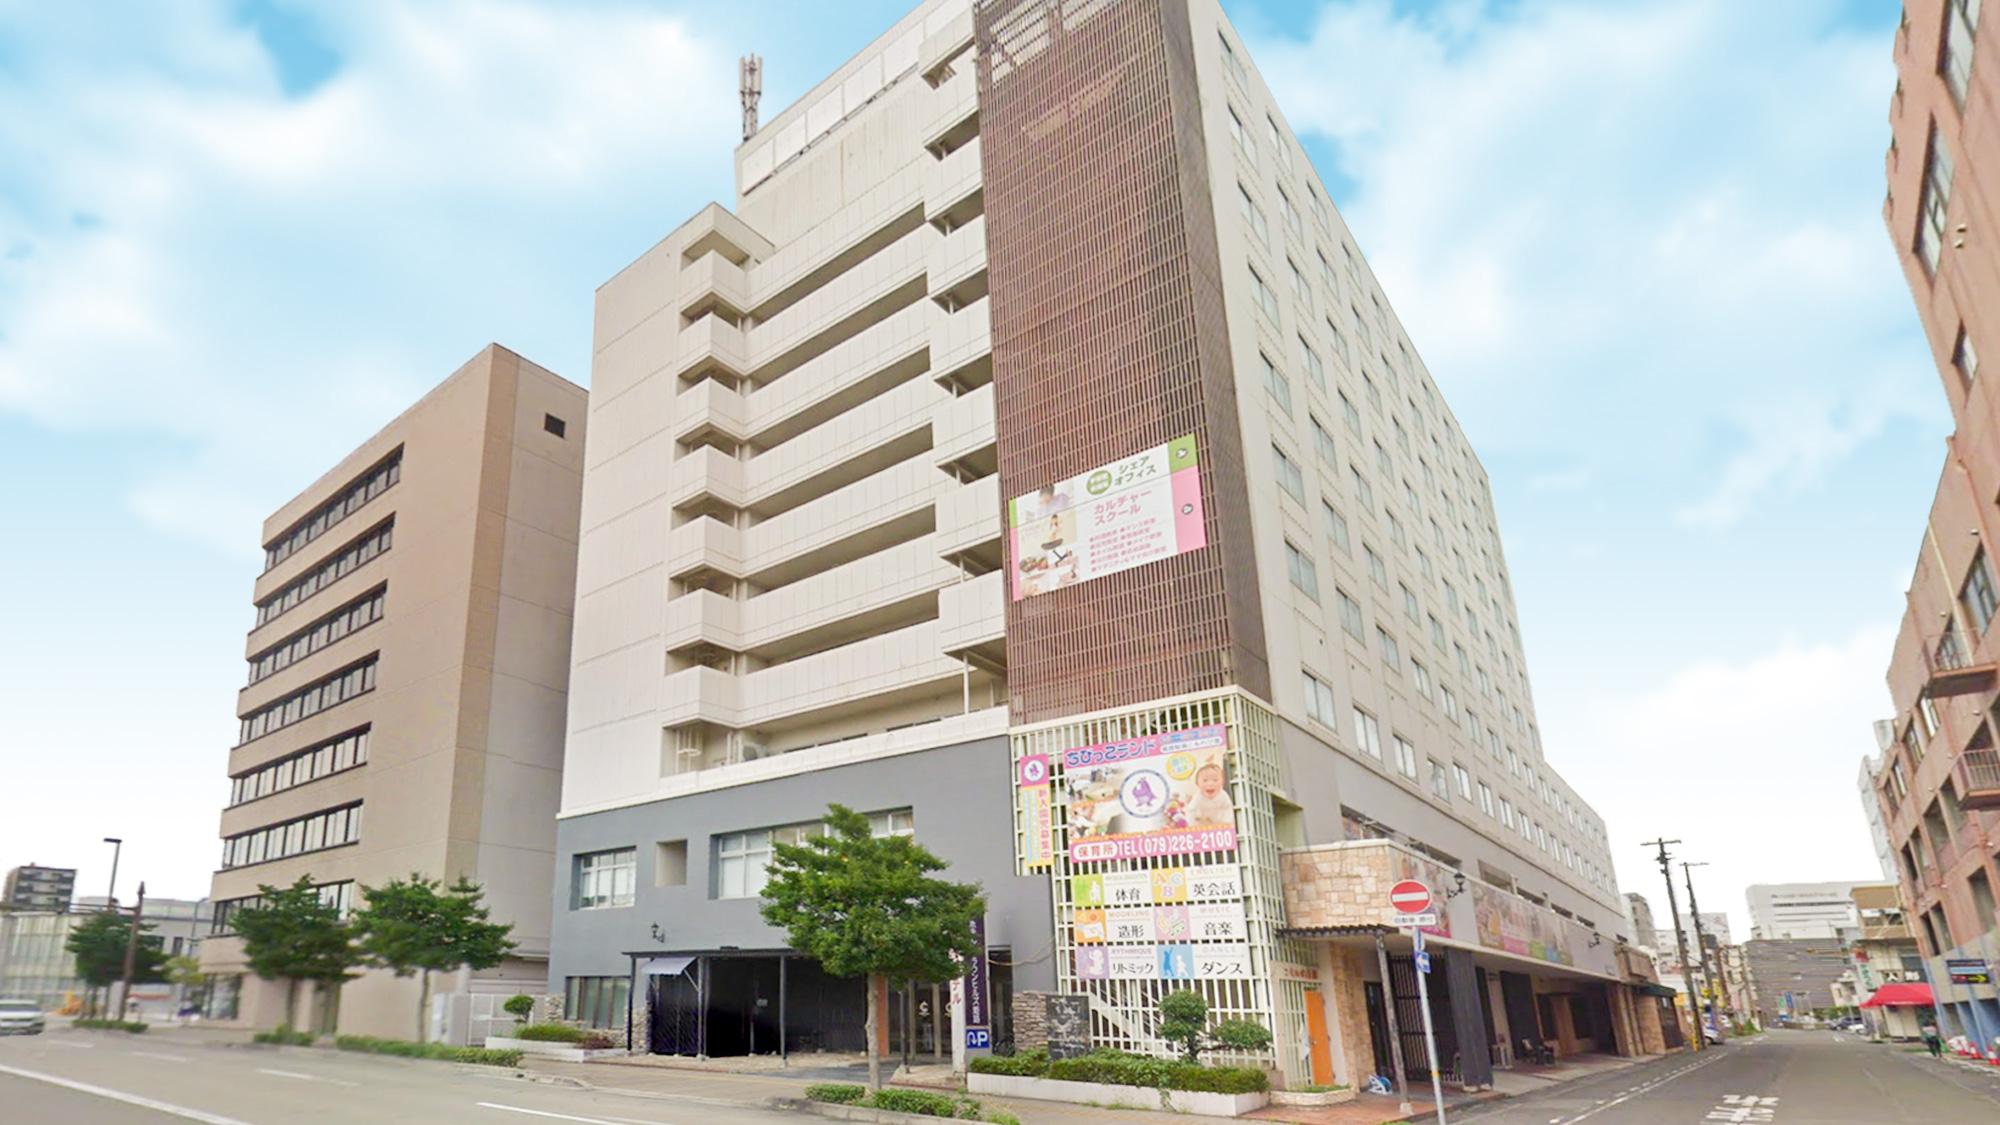 ホテル クラウンヒルズ 姫路◆楽天トラベル